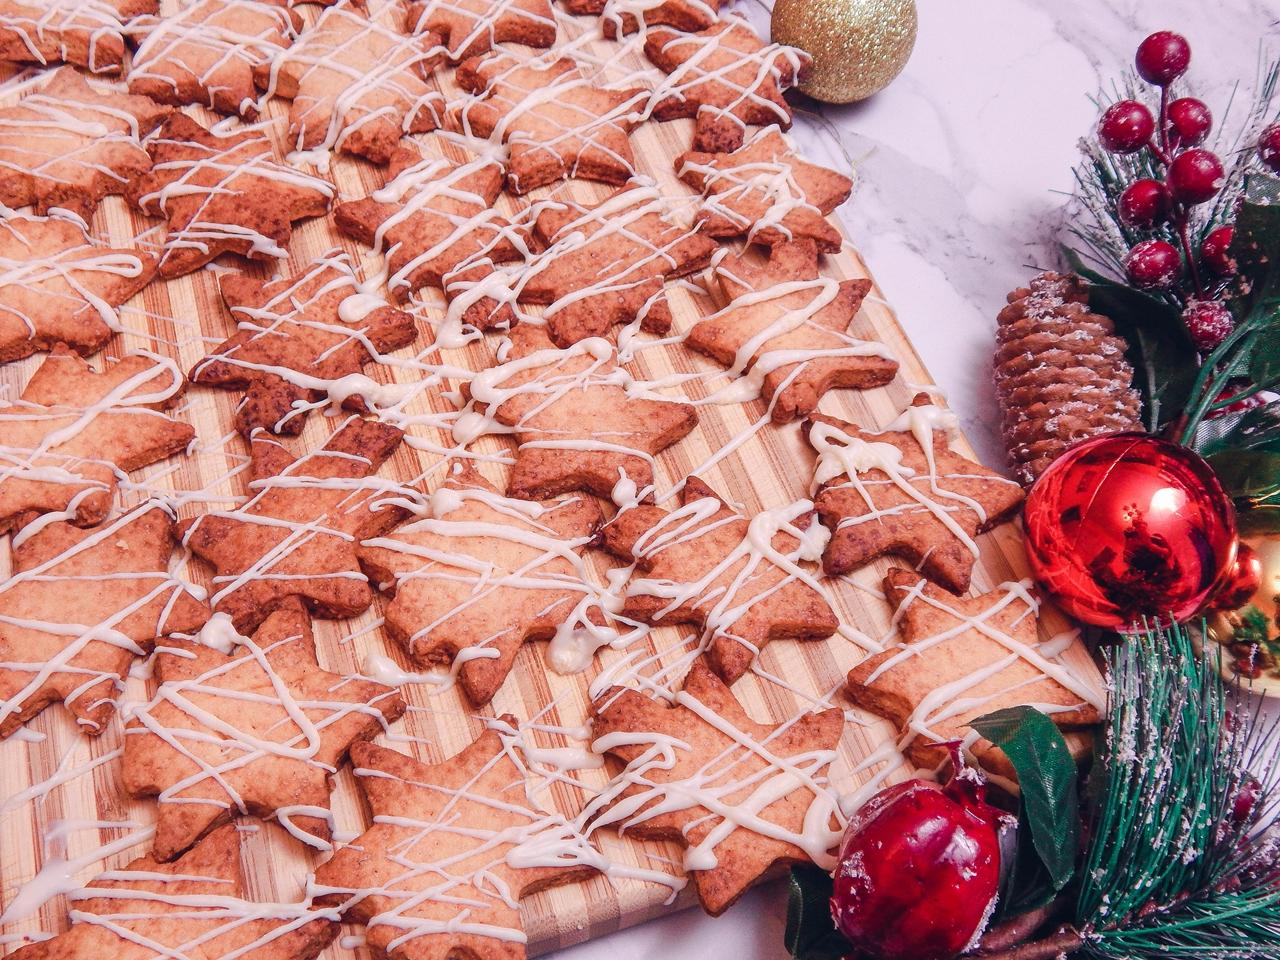 4 Pierniczki inaczej, prosty szybki, łatwy przepis na pierniki ciastka kruche, świąteczne ciastka, ciastka na choinkę jak zrobić pierniki ciastka gwiazdki, blog kulinarny łódź, lifestyle melodylaniella